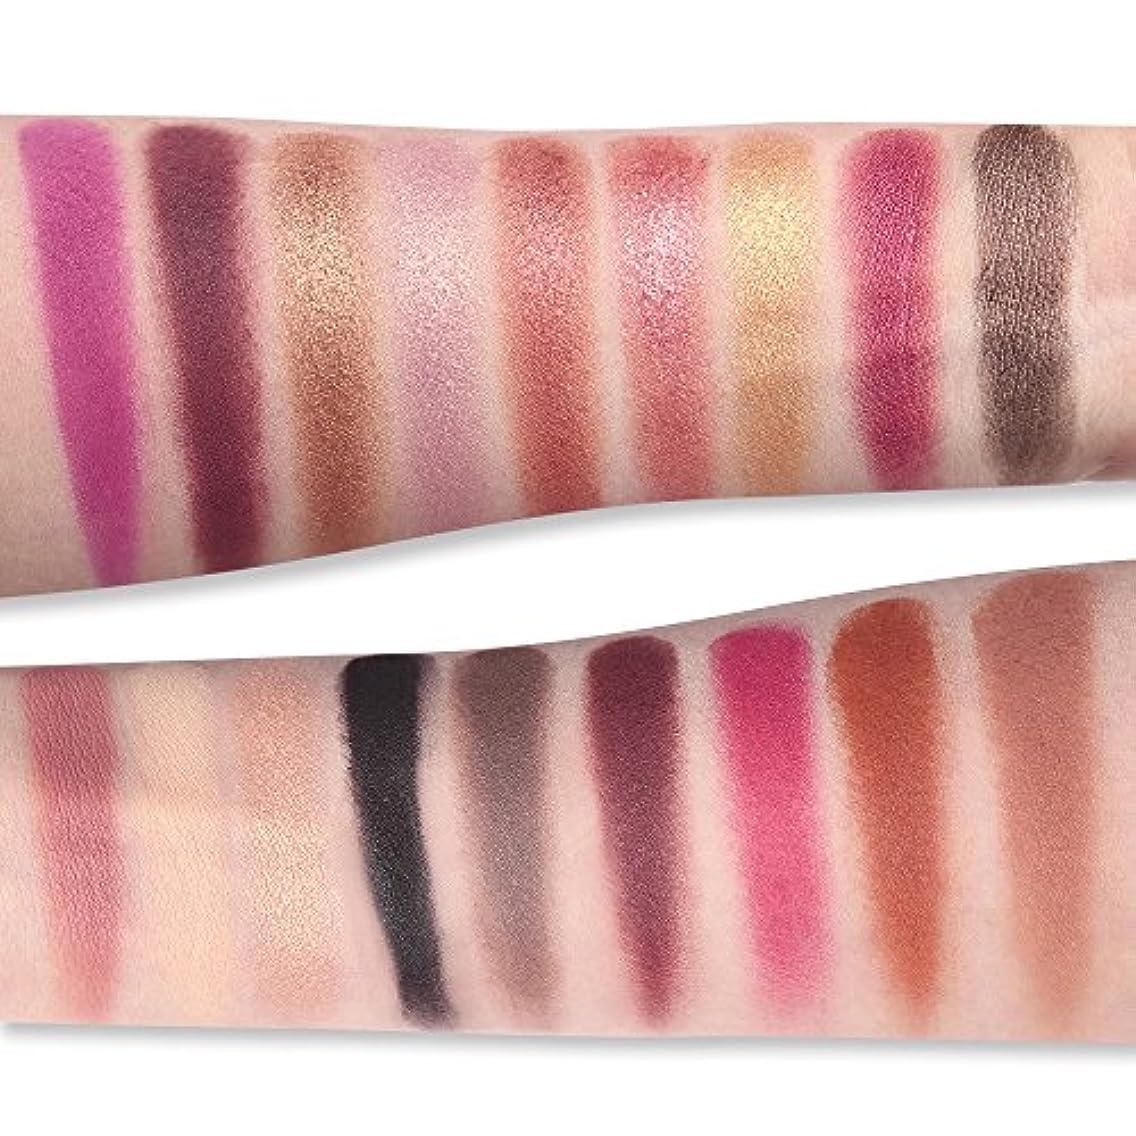 合併症フォアマンヒープ18色パールグリッターアイシャドウパウダーパレットマットアイシャドウ化粧品メイク